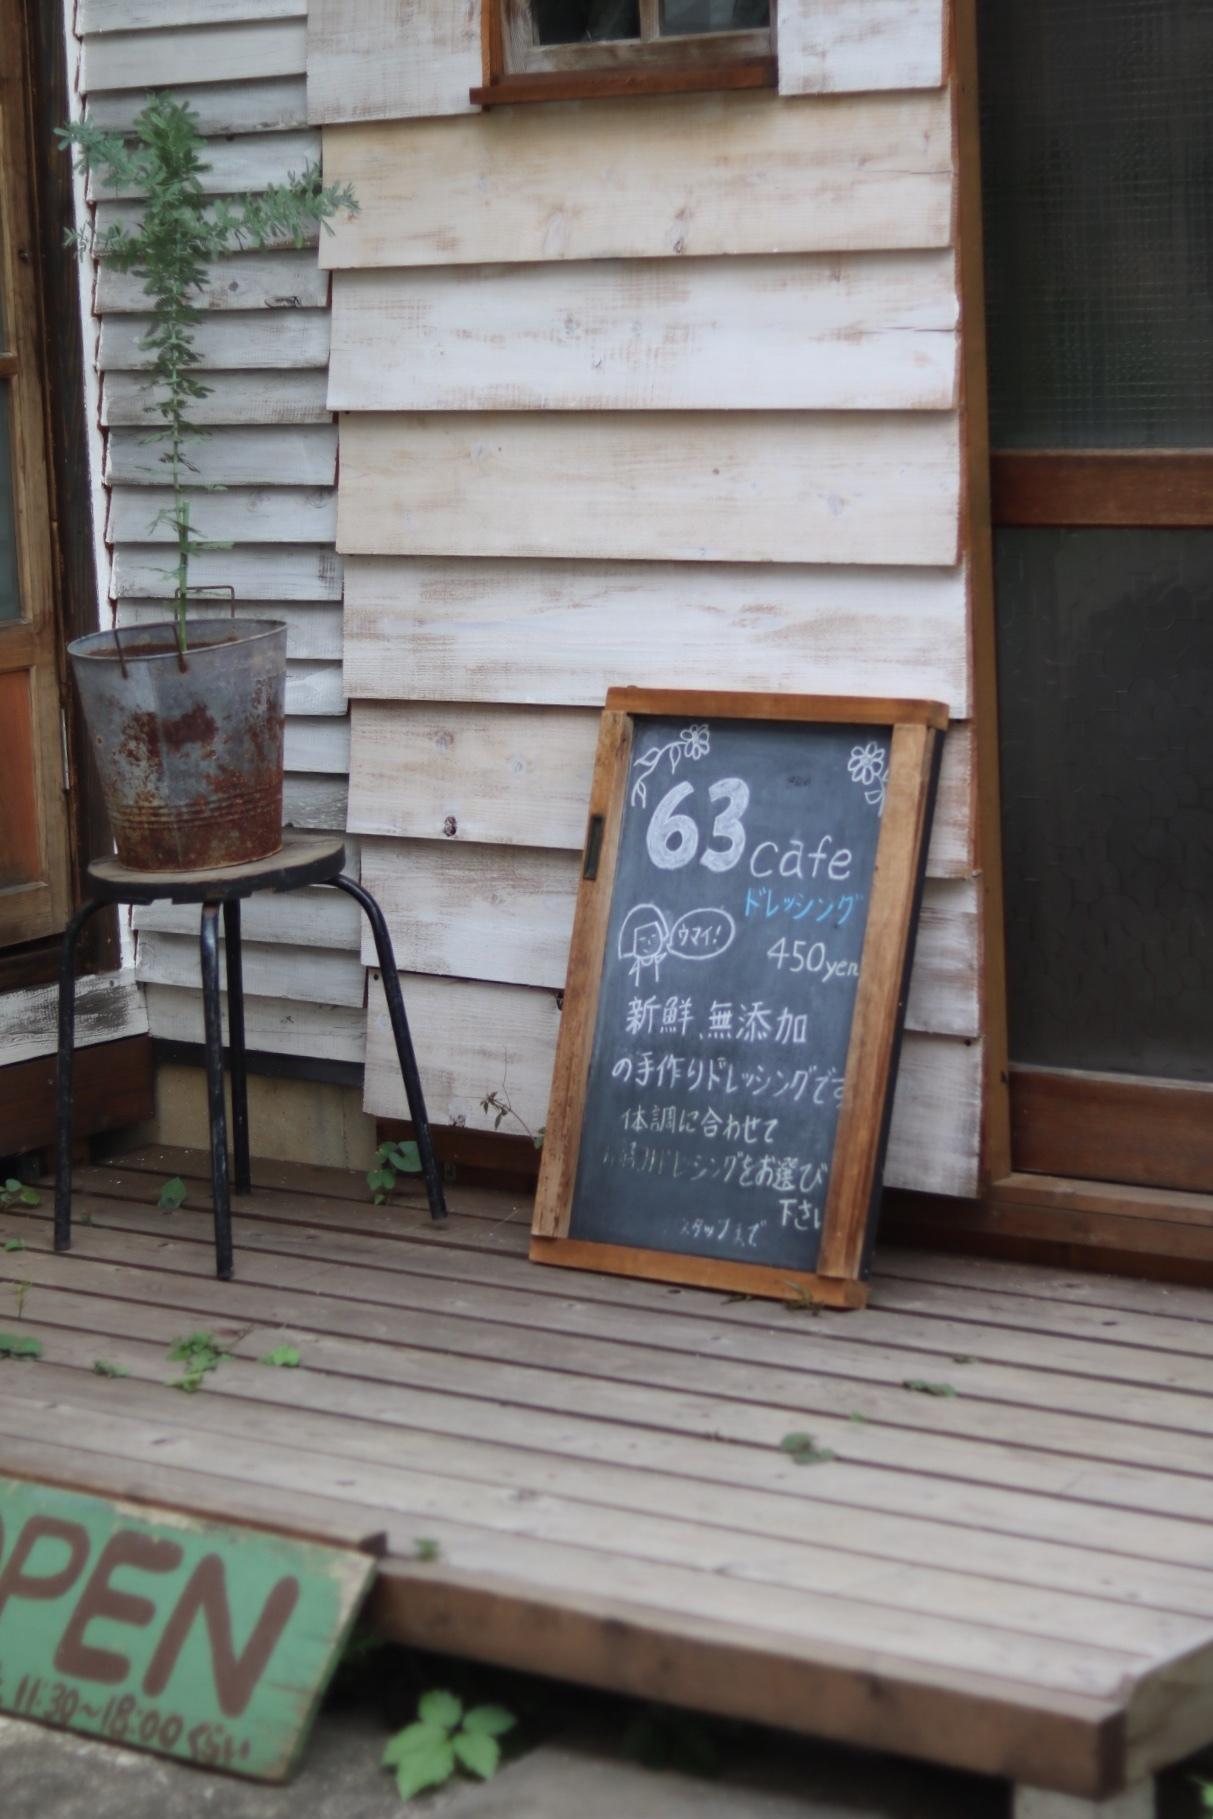 桶川のロミカフェさんでランチ!_c0366722_13483168.jpeg